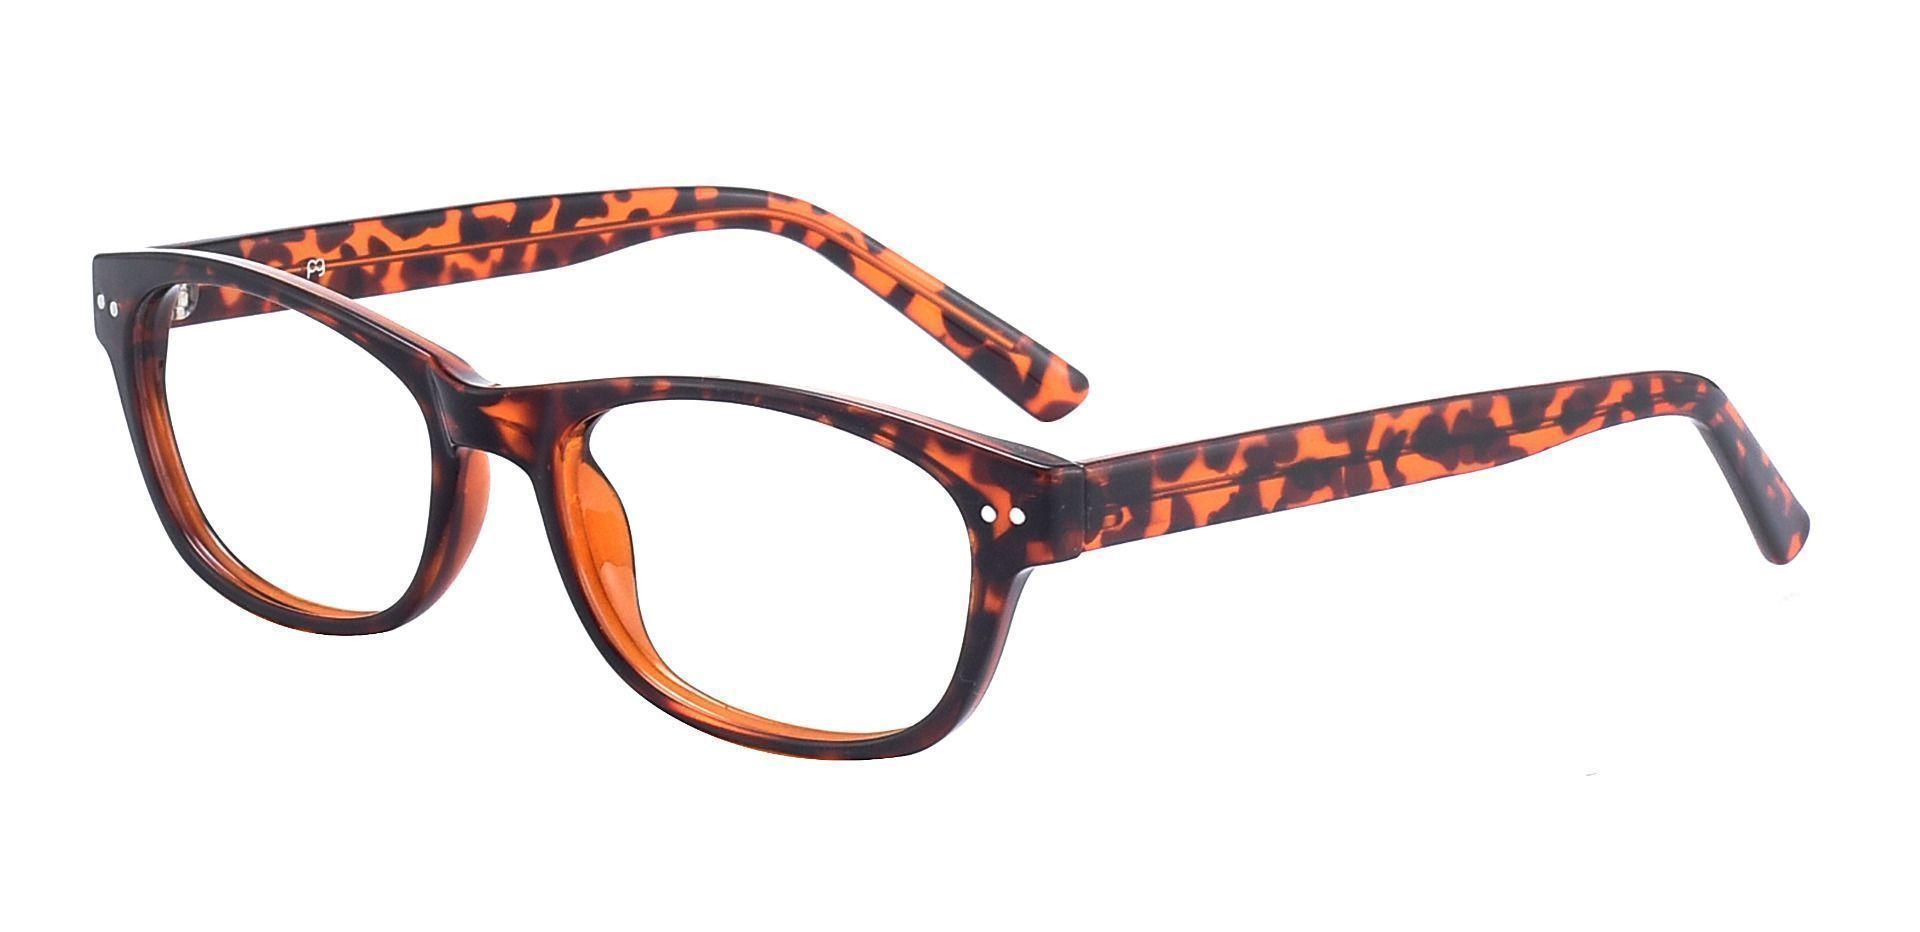 Gulf Rectangle Progressive Glasses - Tortoiseshell